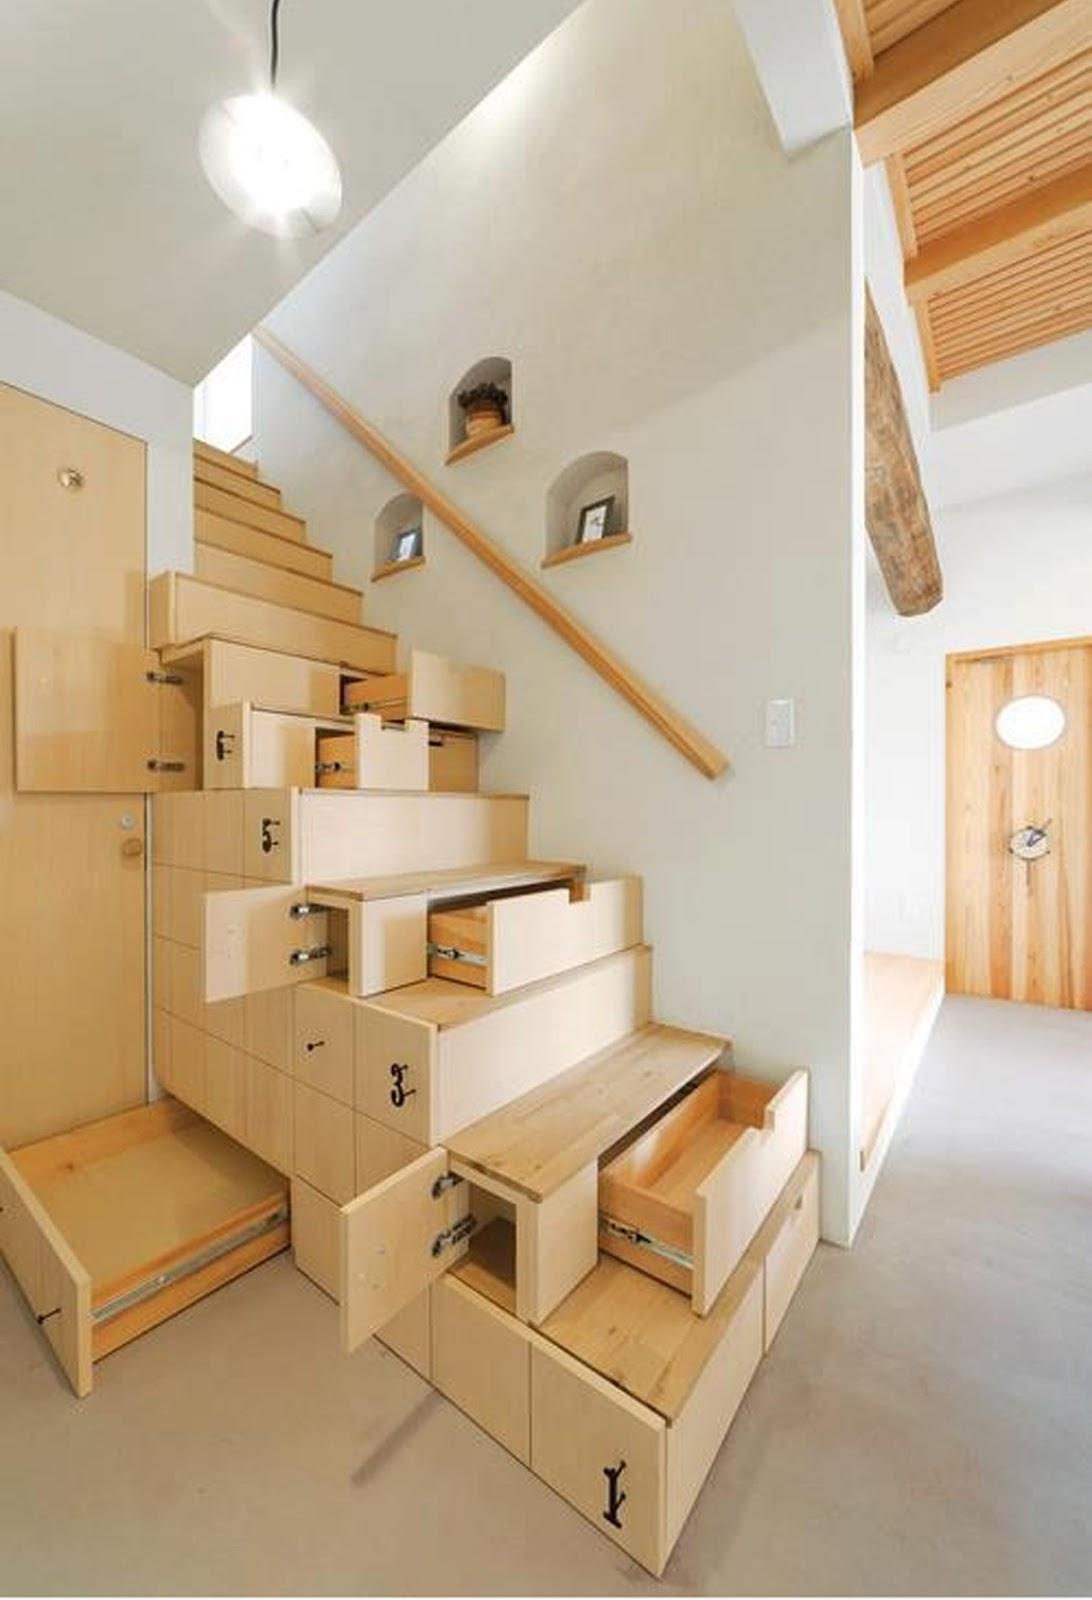 Furniture Portable untuk Rumah Minimalis - source : Homesthetics.net